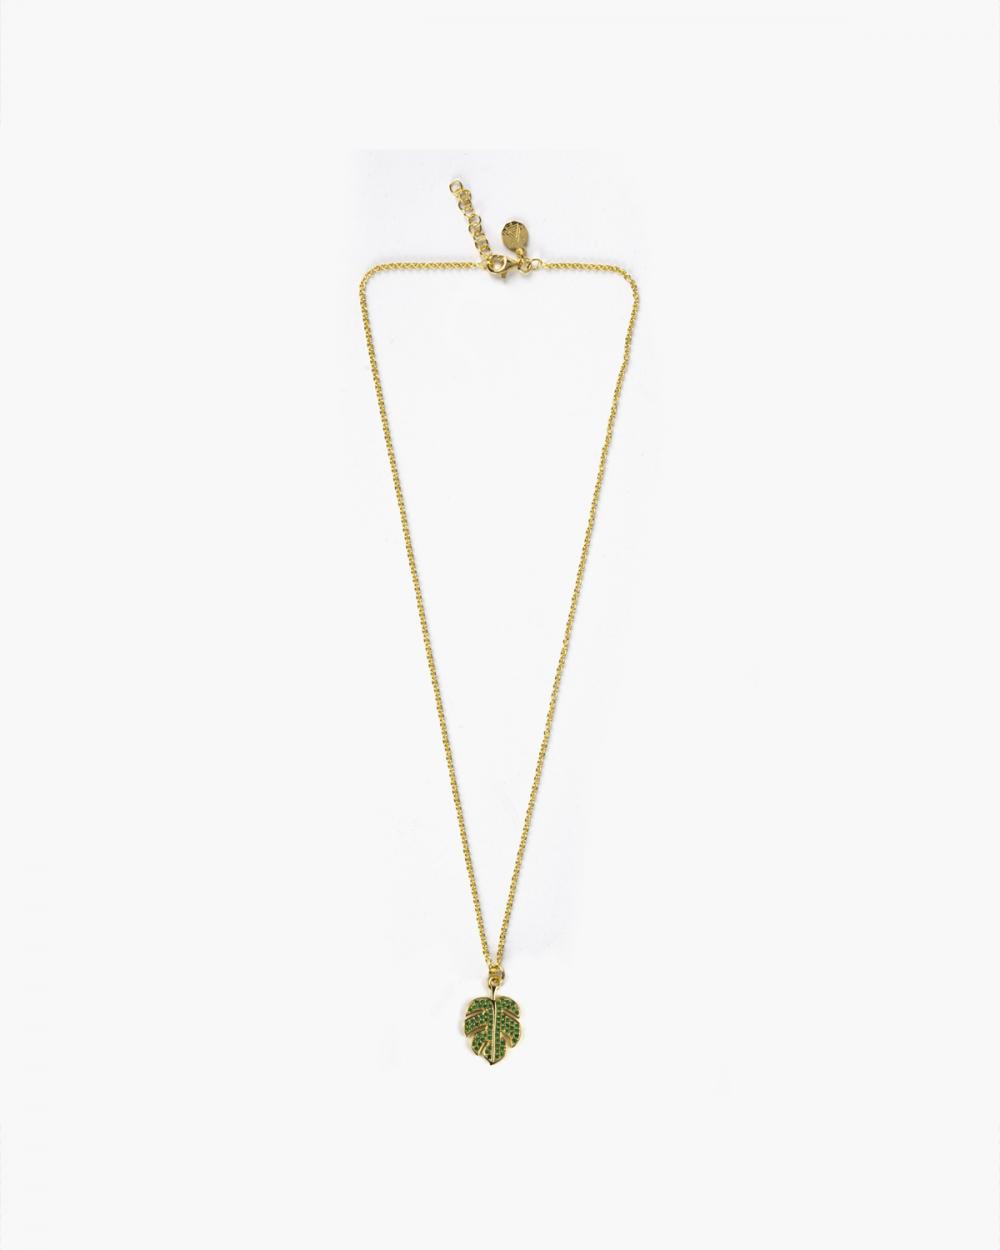 Necklaces YELLOW GOLD ZIRCON MONSTERA DELICIOSA NECKLACE NOVE25